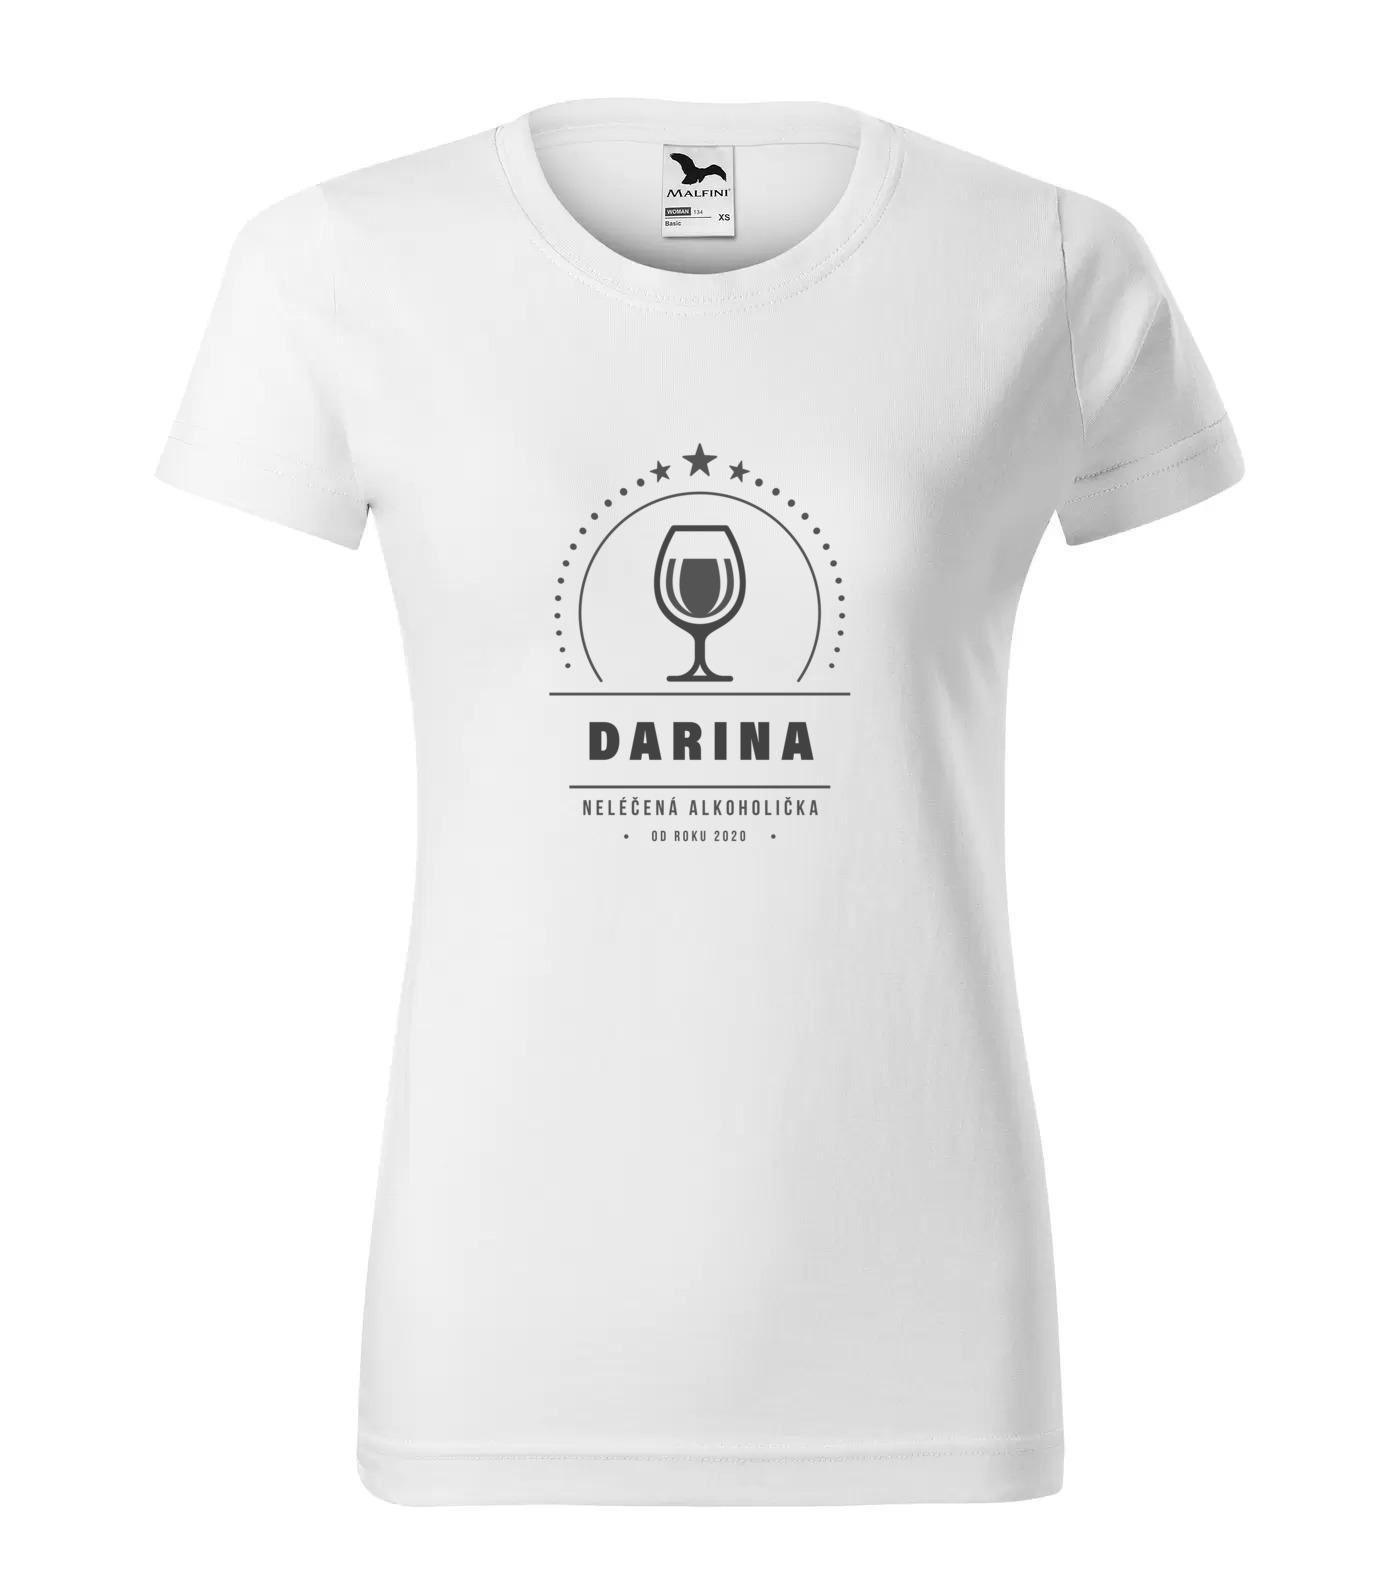 Tričko Alkoholička Darina